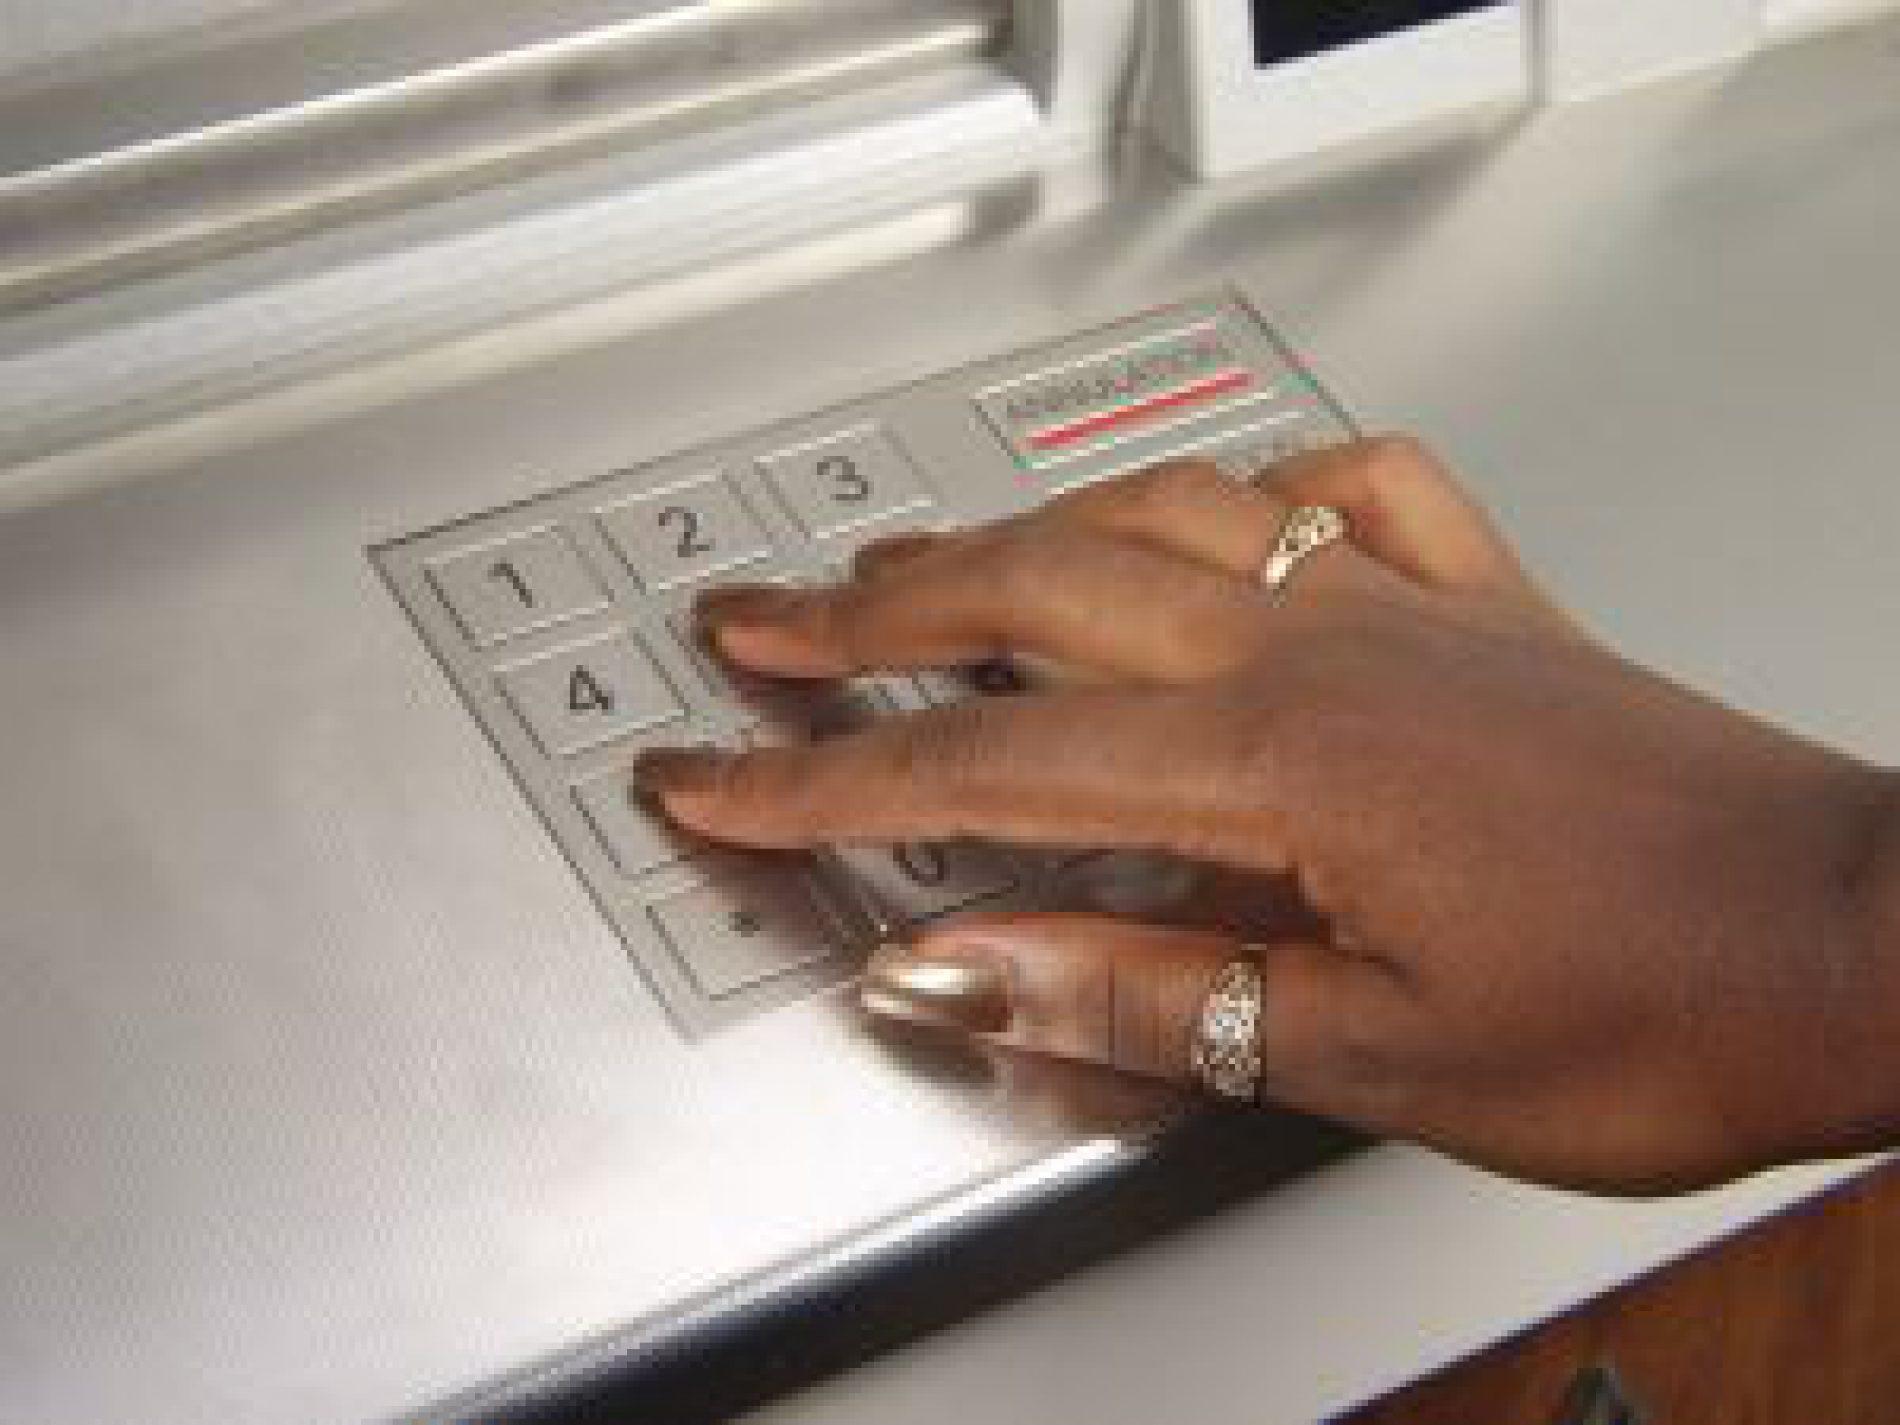 Masz konto w mBanku – będziesz miał problem z dostępem do pieniędzy!